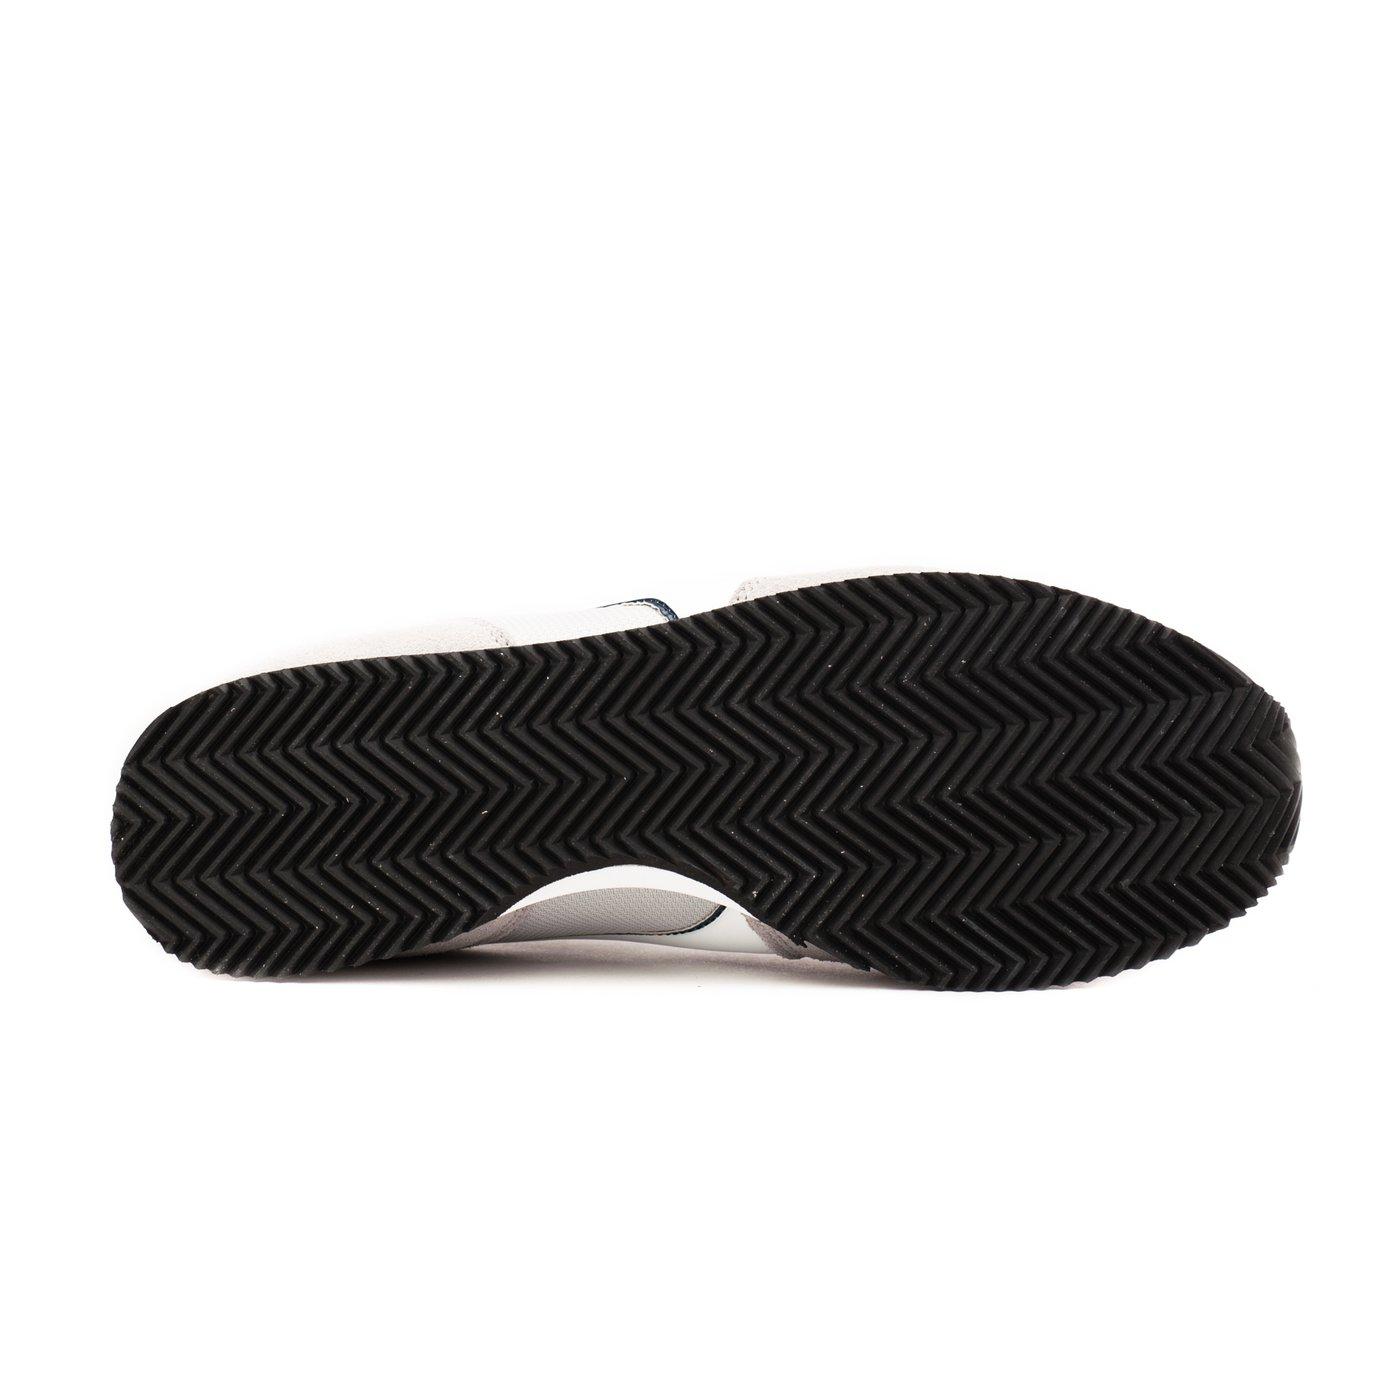 Кросівки чоловічі Diadora SIMPLE RUN